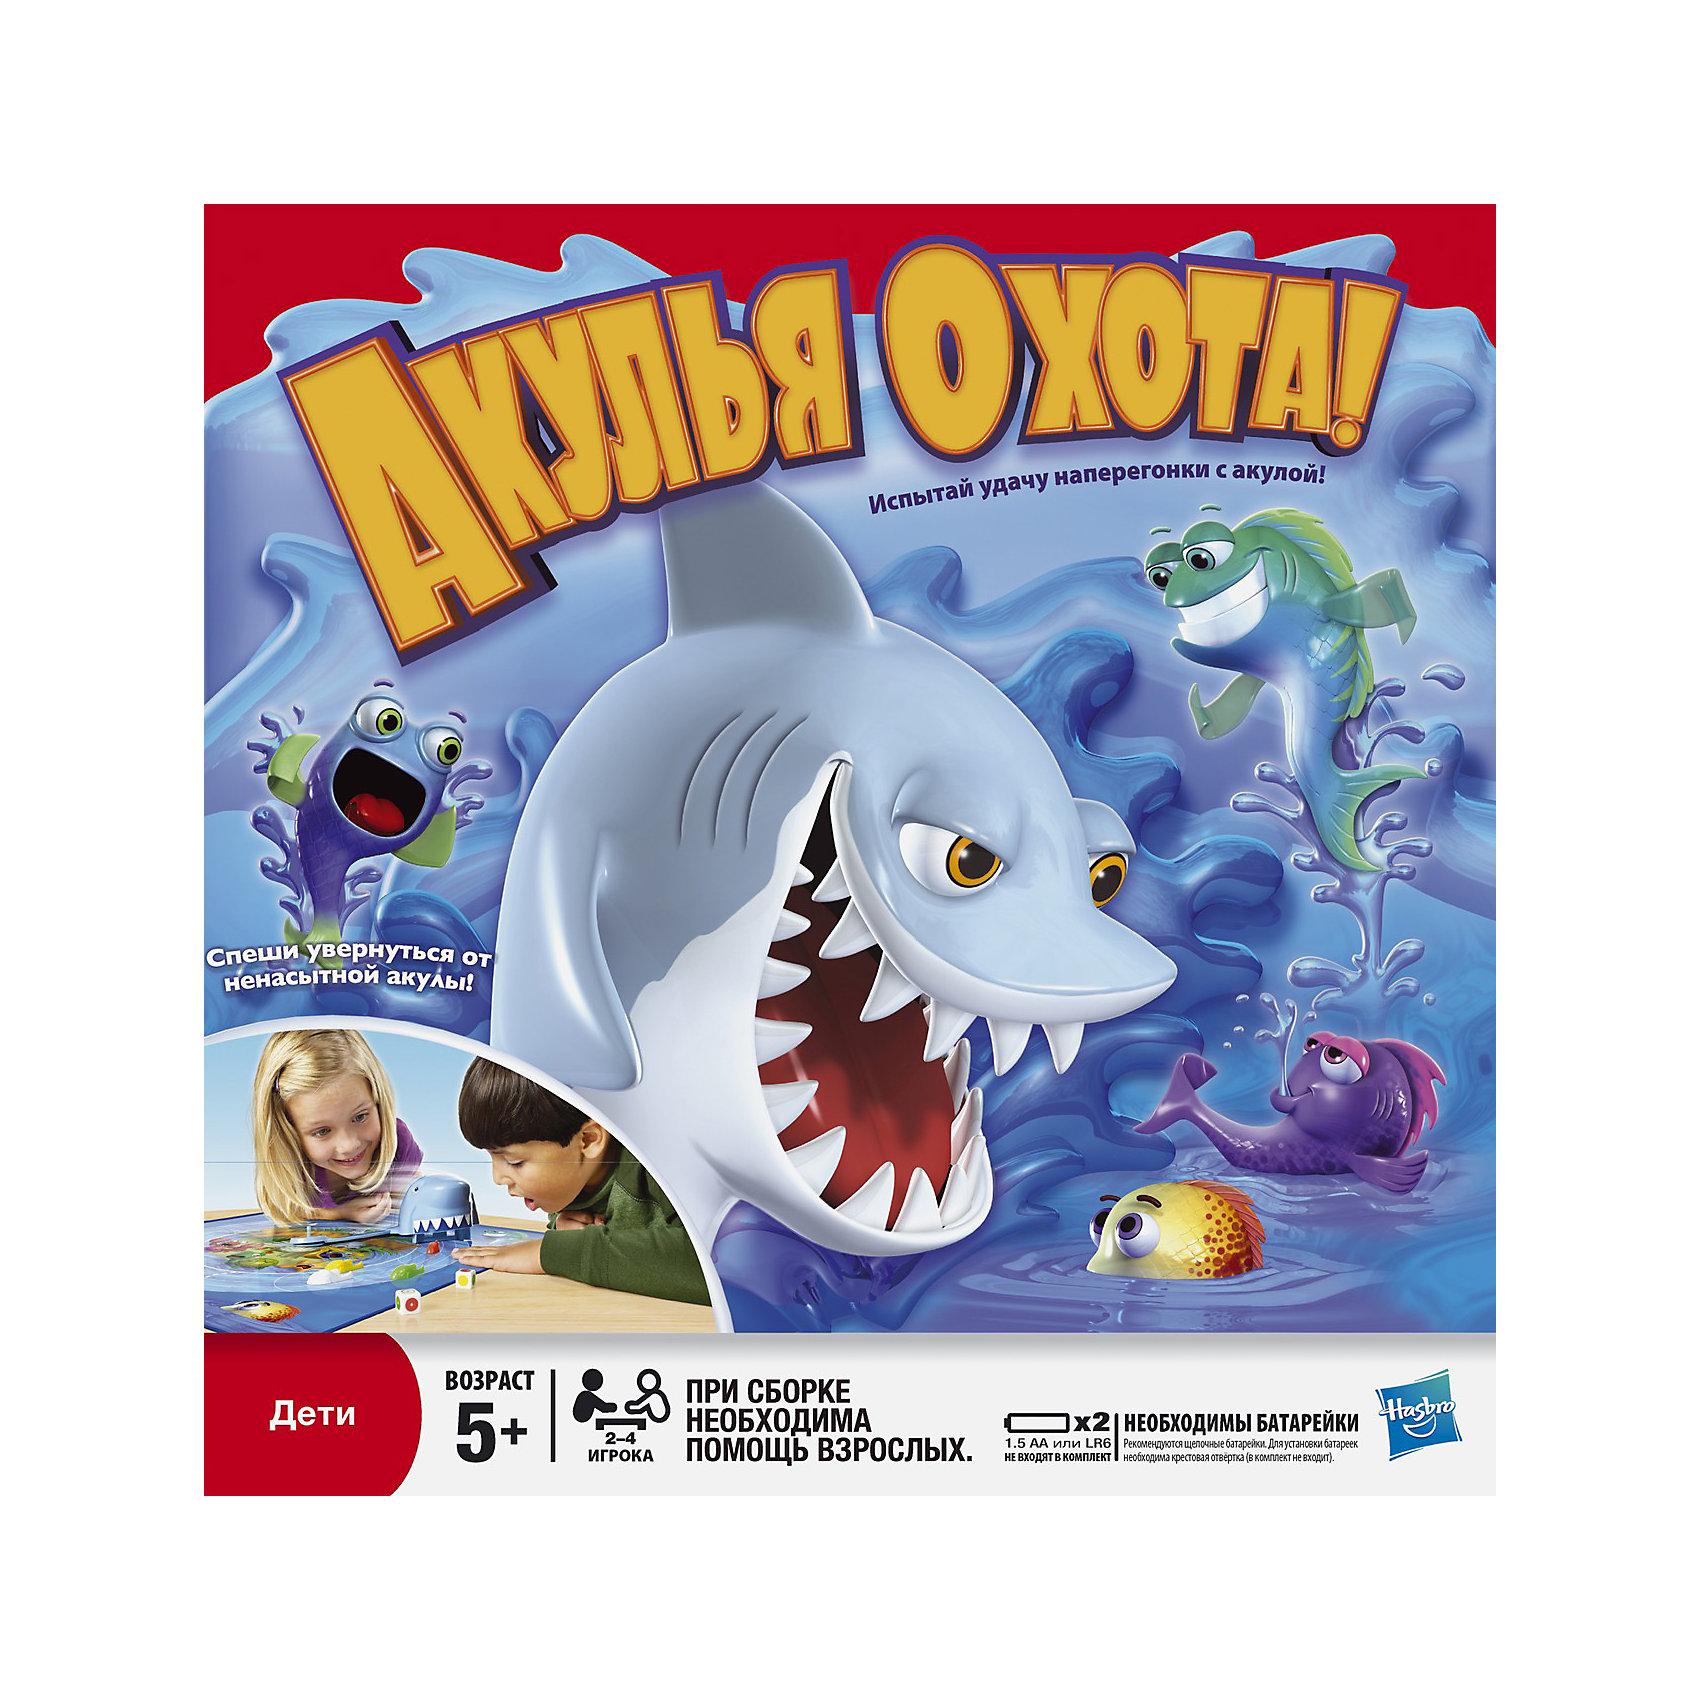 Игра Акулья Охота, HasbroАкулья охота – это увлекательная, динамичная, захватывающая и интригующая игра от фирмы Hasbro.<br><br>Игровое поле - это круг с делениями, по которым быстро-быстро плывут фишки-рыбки. Сзади их догоняет большая и страшная акула, которая, благодаря батарейкам, умеет плавать сама. Детям нужно лишь быстро кидать кубики и двигать рыбок своих цветов вперёд, стараясь сделать так, чтобы акула не успела их догнать. Чья рыбка останется в живых последней — тот побеждает.<br><br>Дополнительная информация:<br><br>- механизированная акула с рычагом вращения и двумя дисками,<br>- игровое поле,<br>- 4 рыбки,<br>- 2 кубика,<br>- инструкция на русском языке.<br>- Количество игроков - 2-4.<br>- Питание от двух батареек АА (в комплект не входят). <br><br>Игру Акулья Охота, Hasbro можно купить в нашем интернет-магазине.<br><br>Ширина мм: 90<br>Глубина мм: 267<br>Высота мм: 269<br>Вес г: 720<br>Возраст от месяцев: 60<br>Возраст до месяцев: 144<br>Пол: Унисекс<br>Возраст: Детский<br>SKU: 2508878